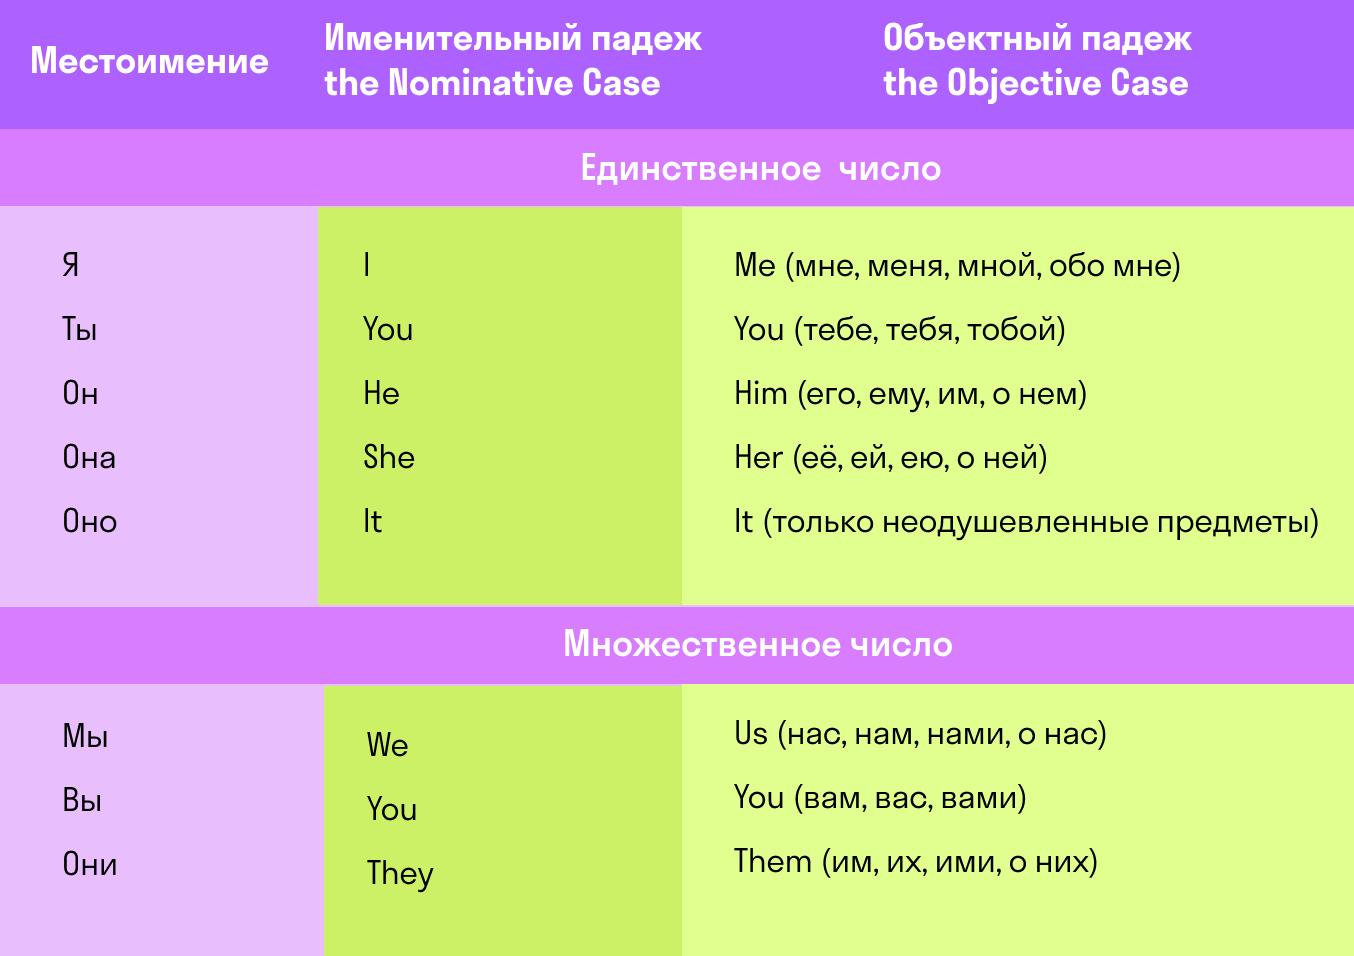 изменение местоимений по падежам в английском